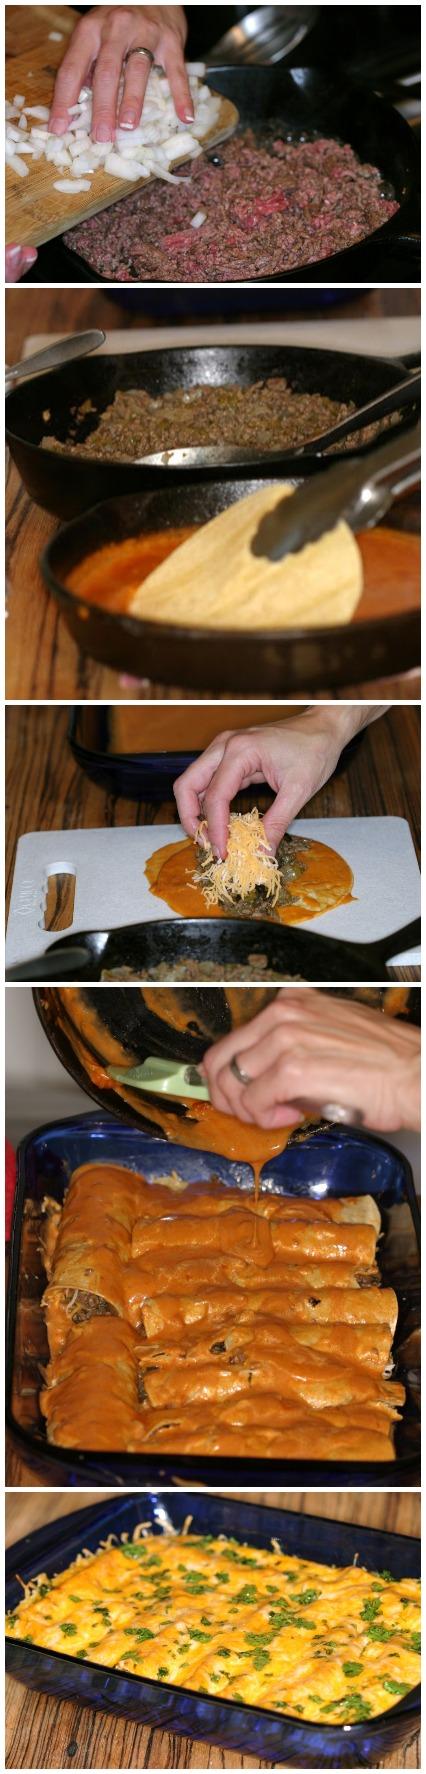 Easy Beefy Enchiladas